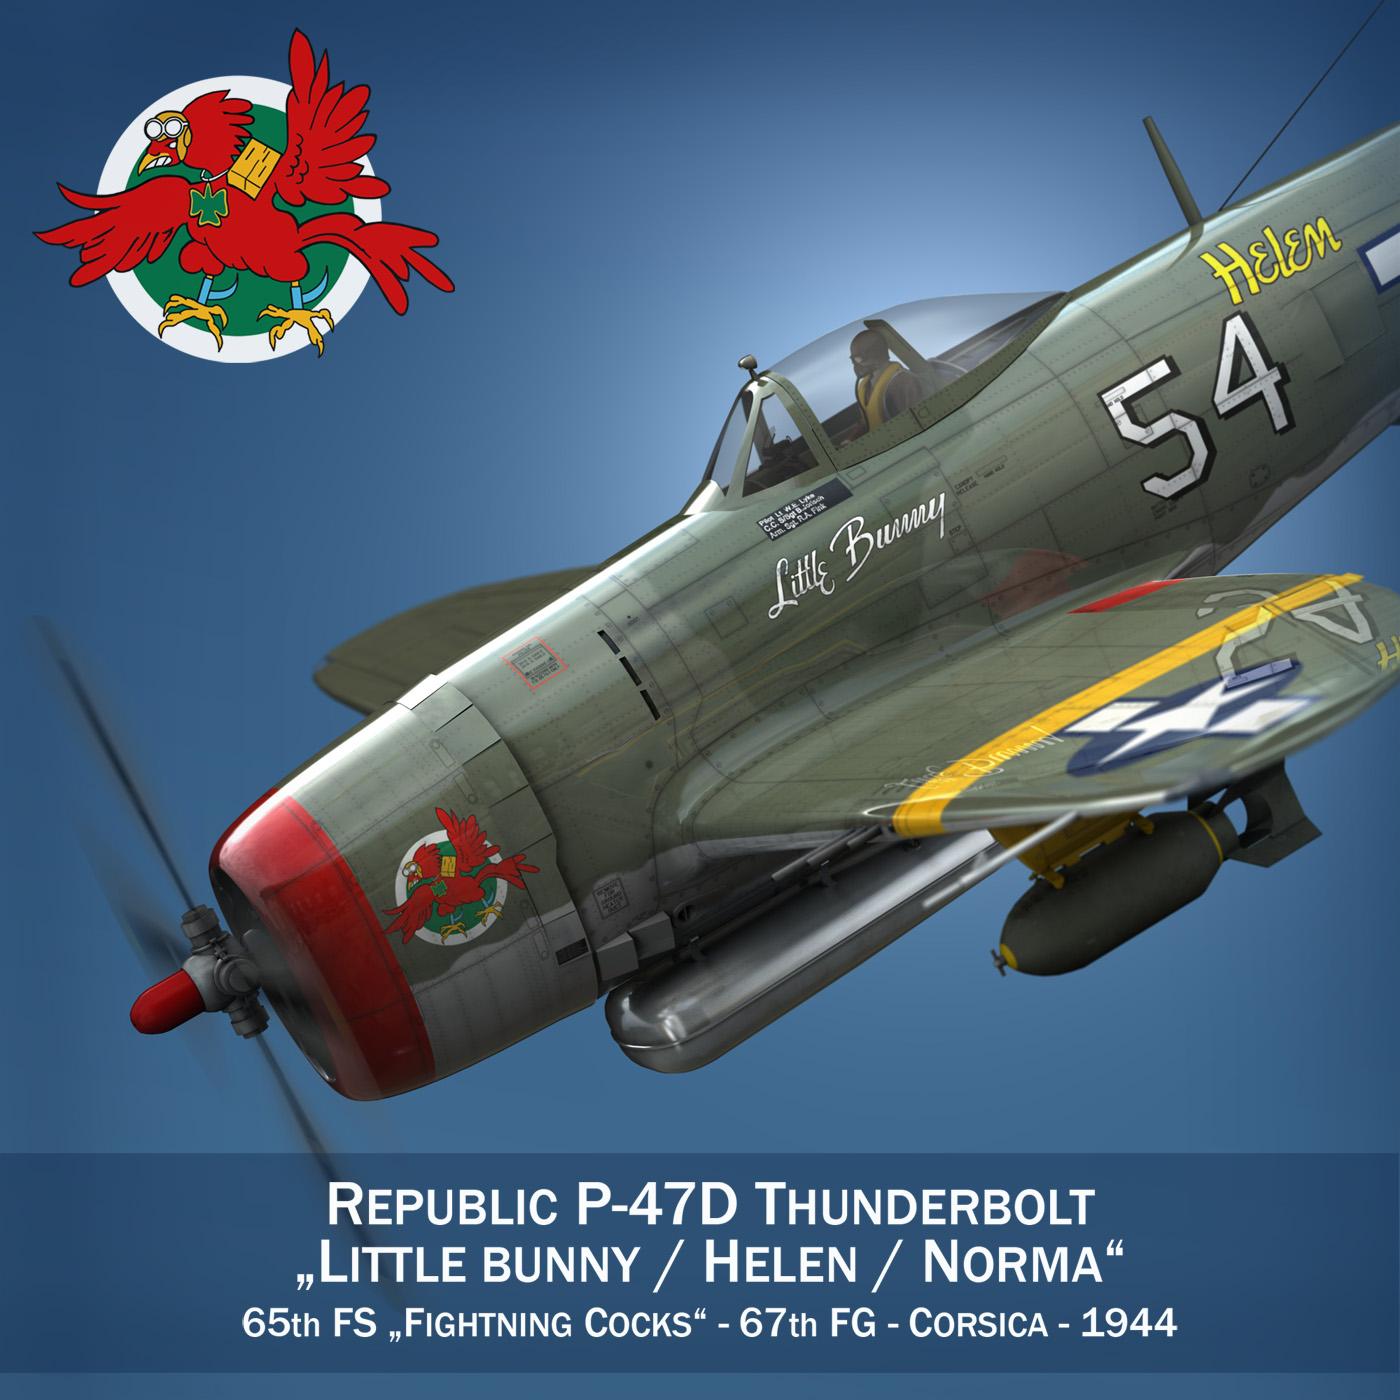 Republic P-47D Thunderbolt - Little Bunny 3d model fbx c4d lwo lws lw obj 274220